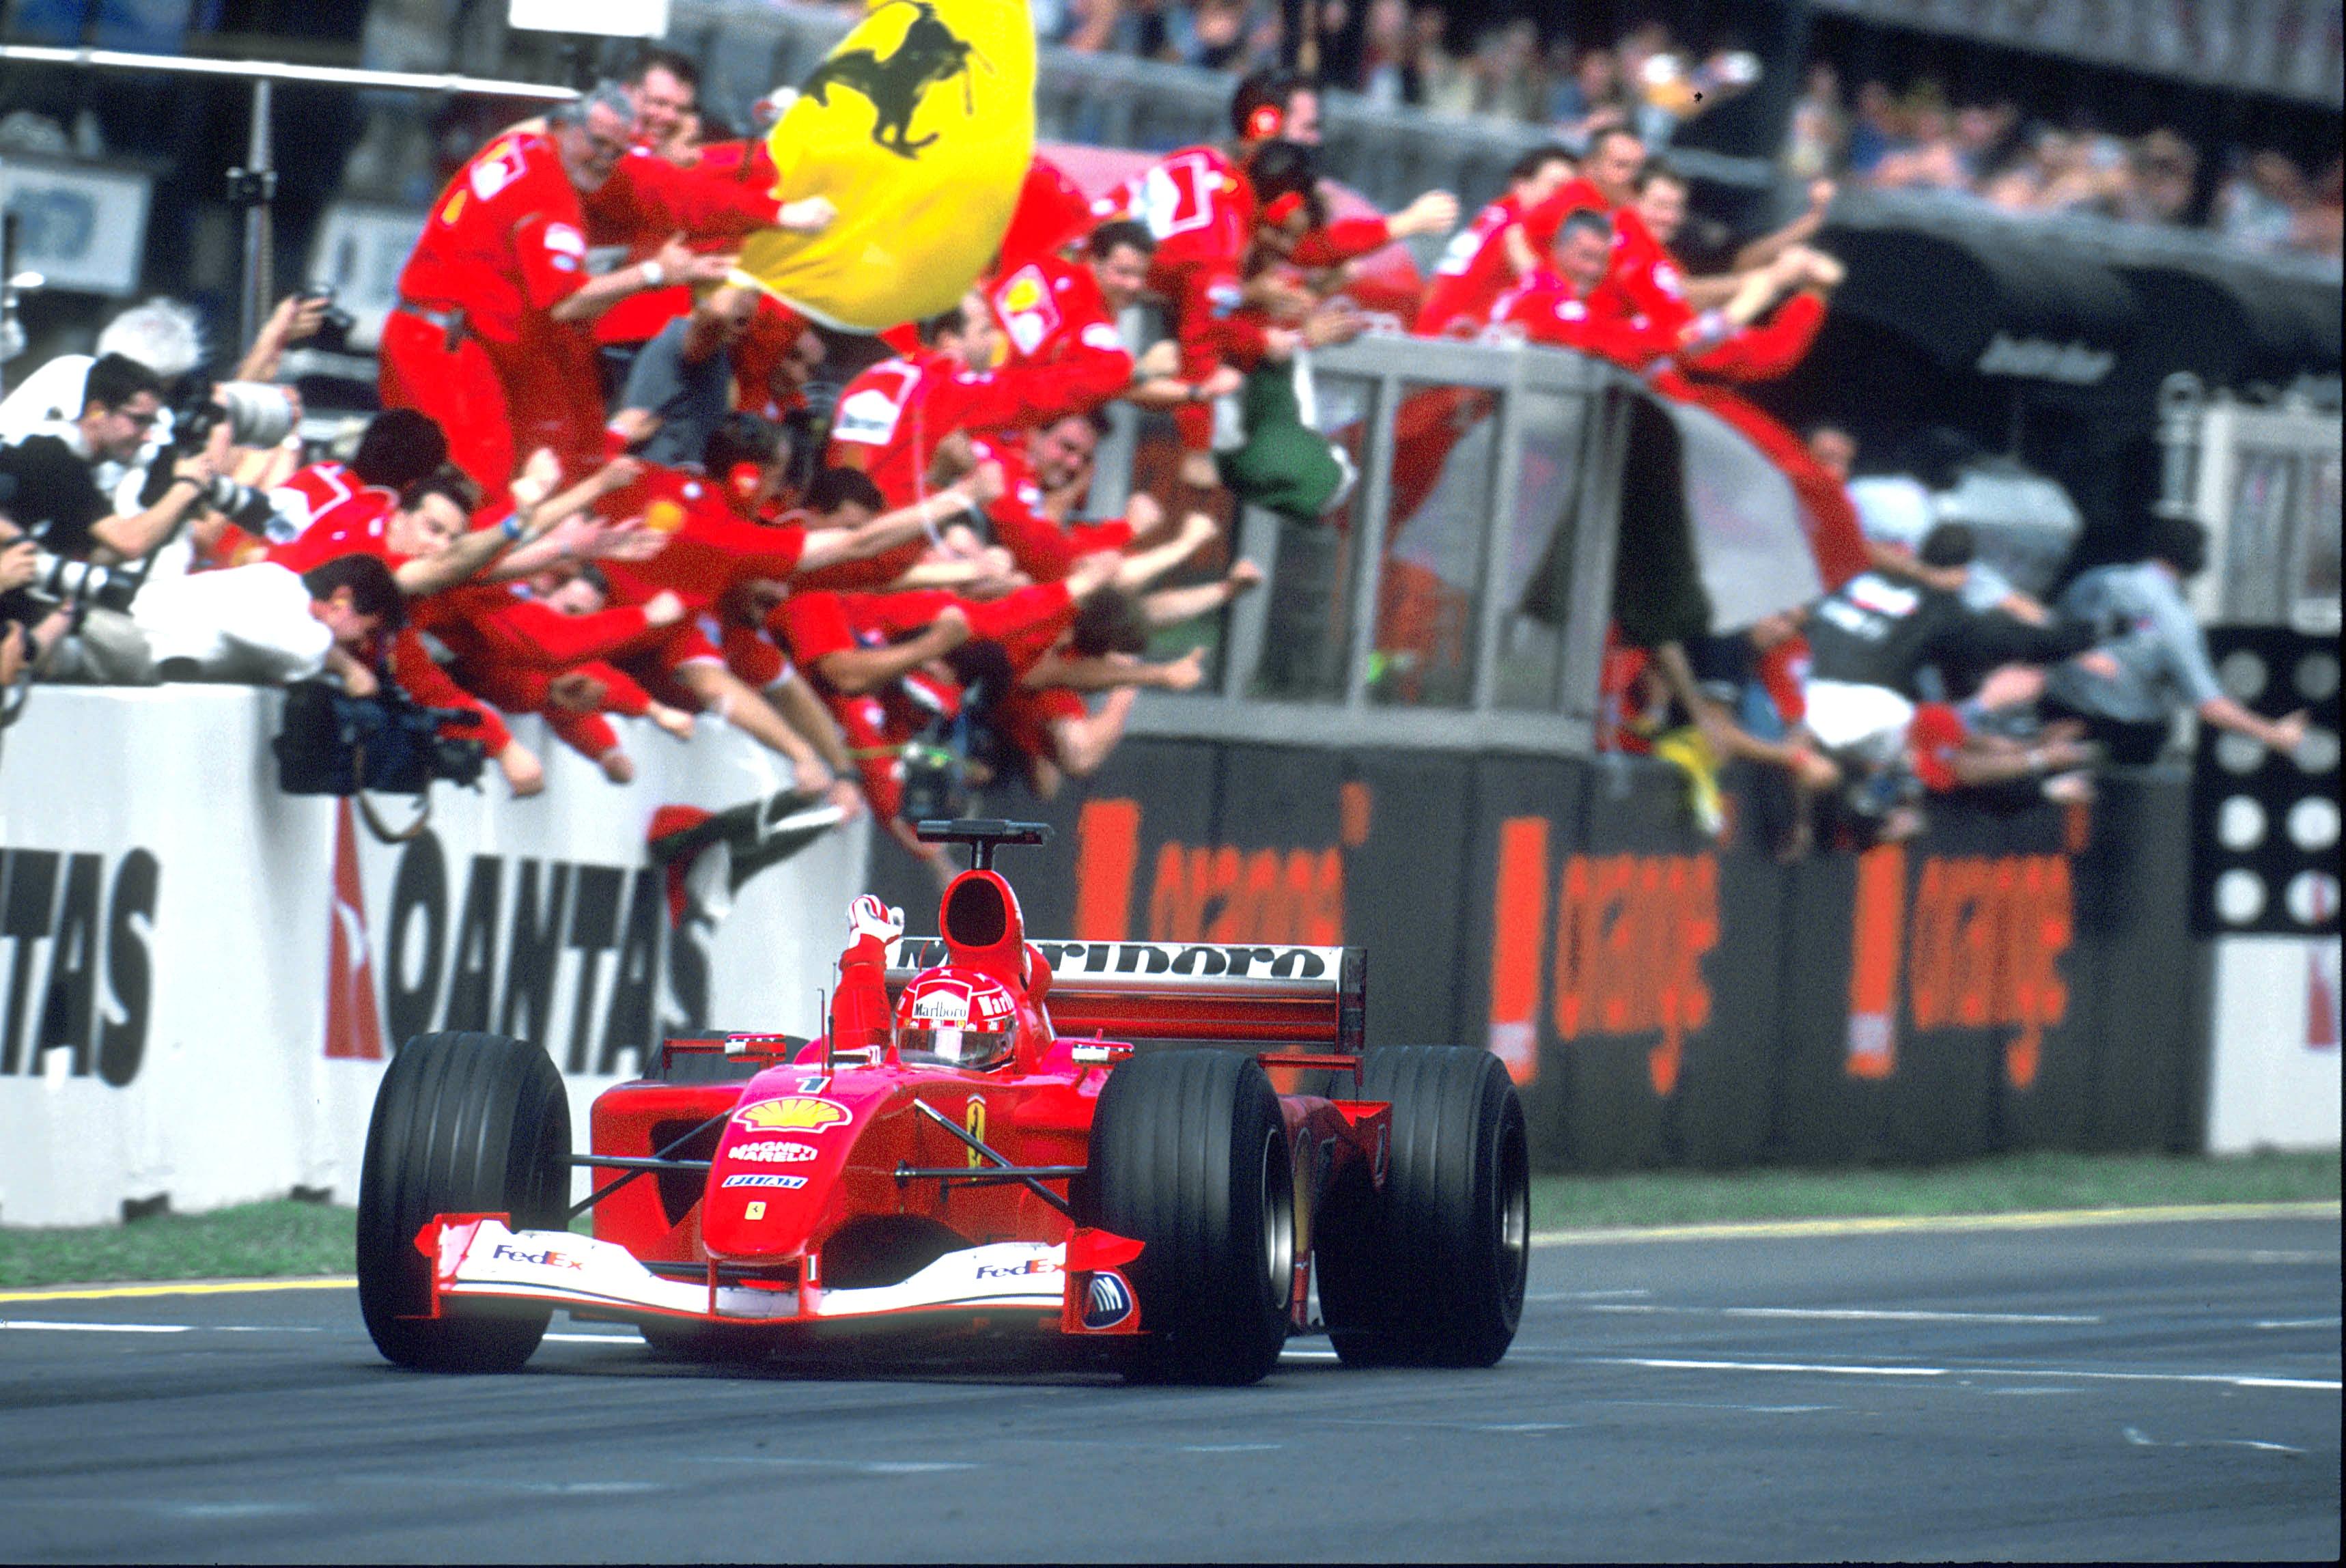 Bei Sotheby's Schumachers Ferrari für Rekordsumme versteigert